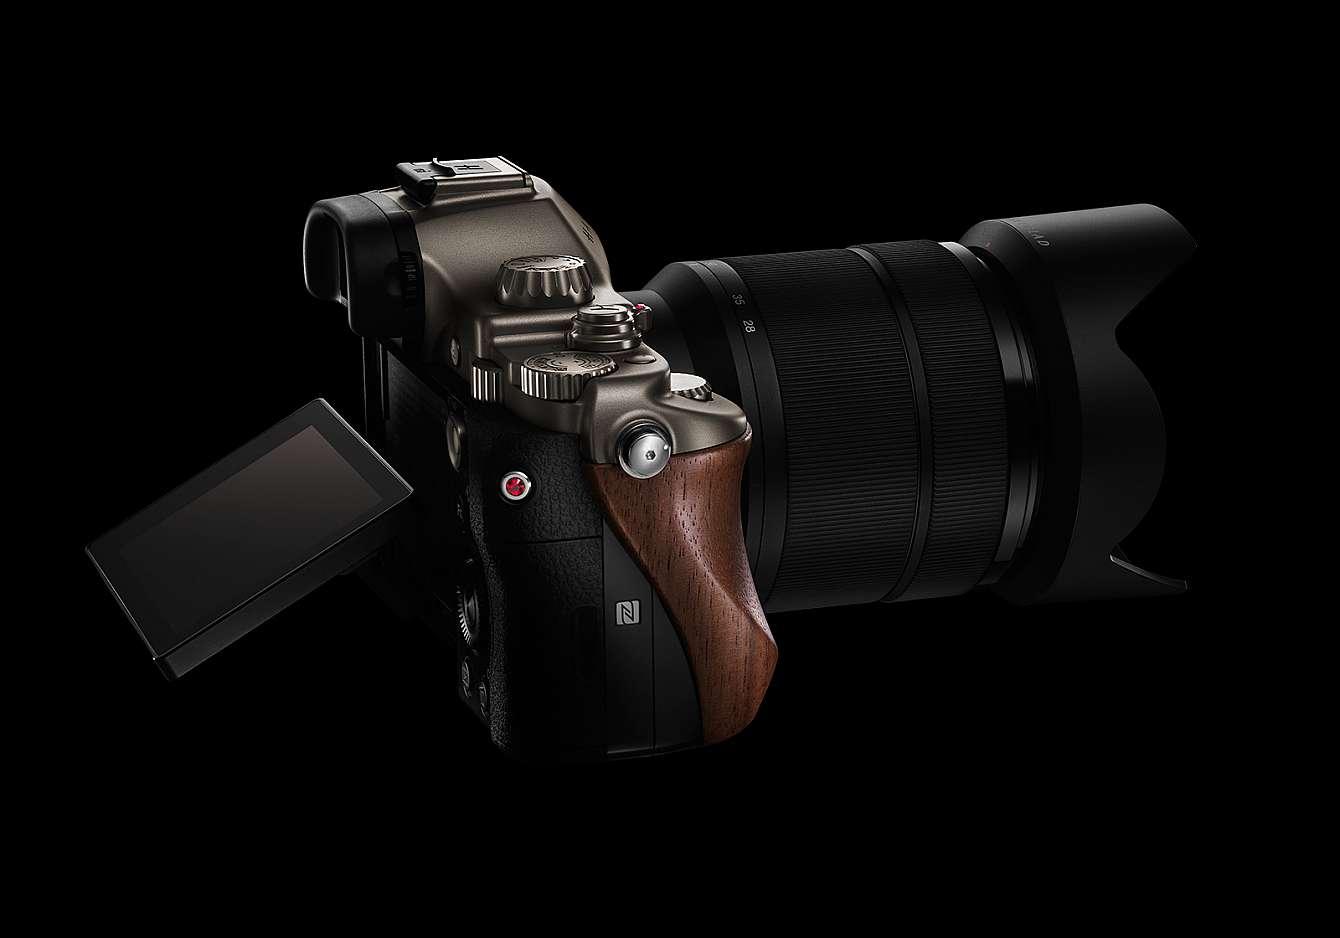 En mörk bild på en kamera